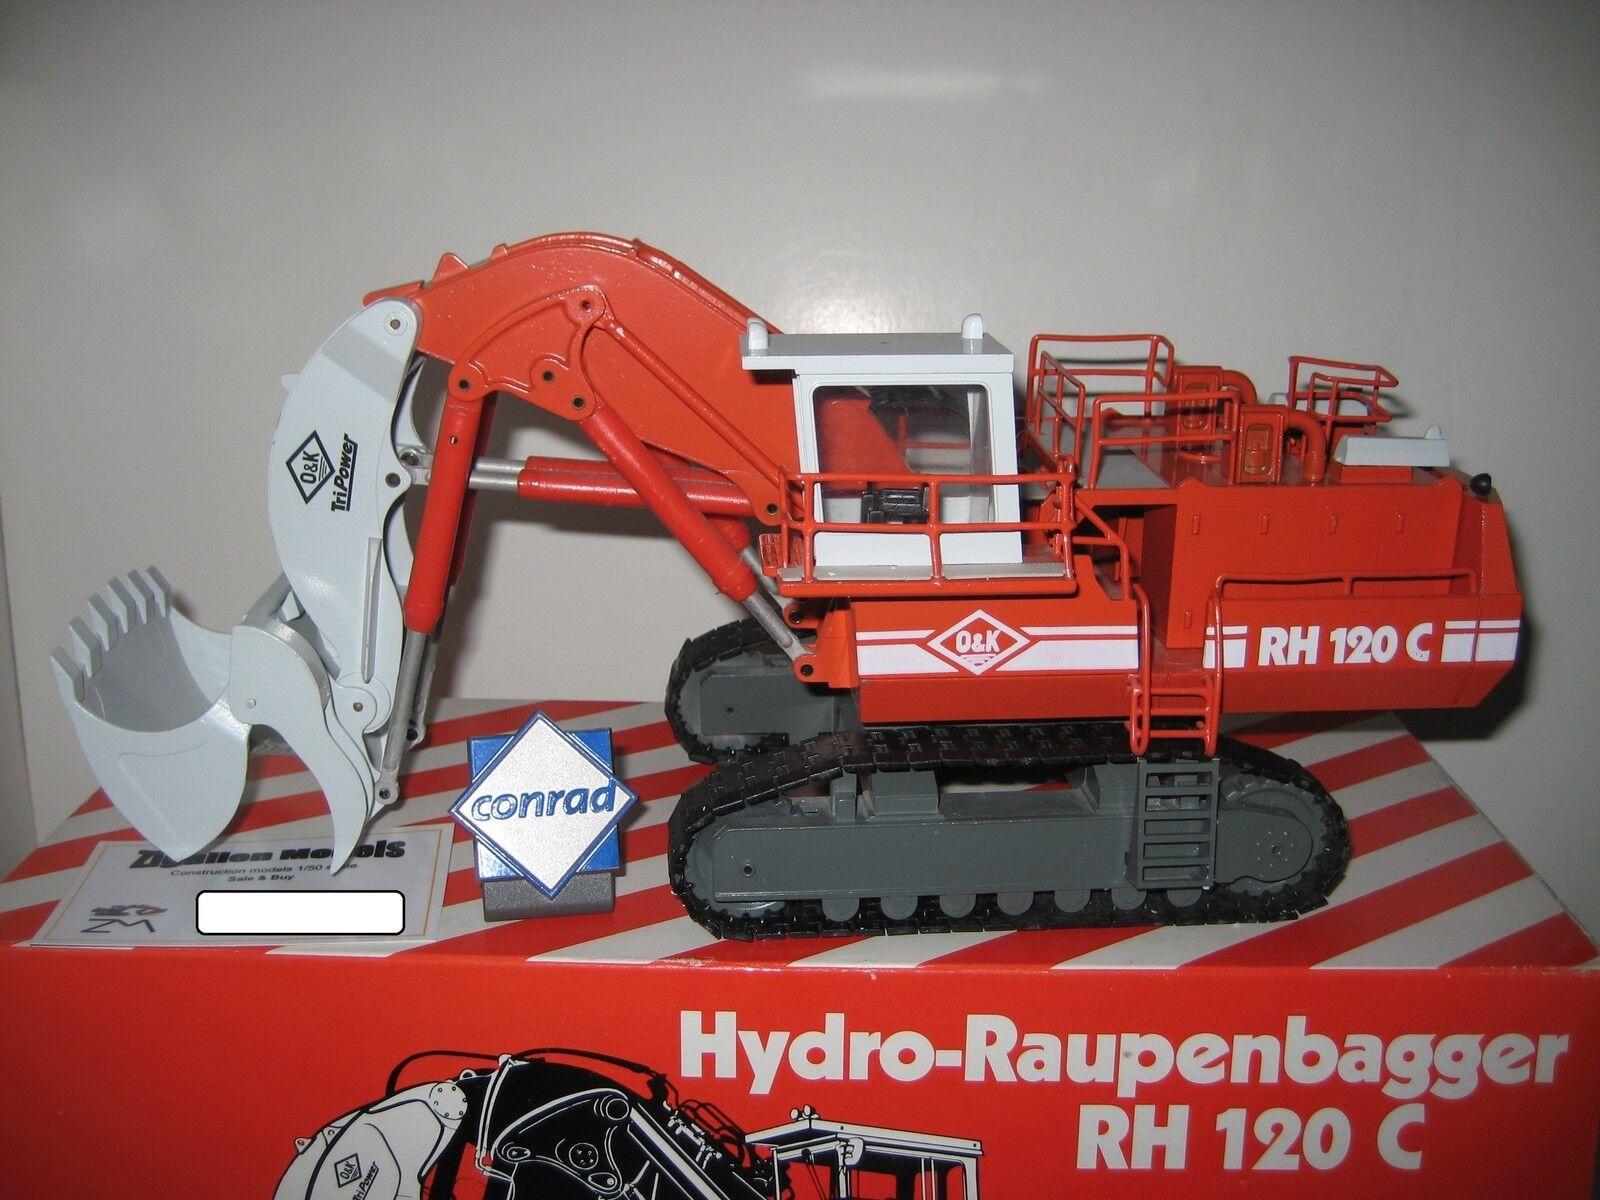 O&k Rh 120 C excavadoras alta cuchara orugas Conrad  2771.1 1 50 OVP